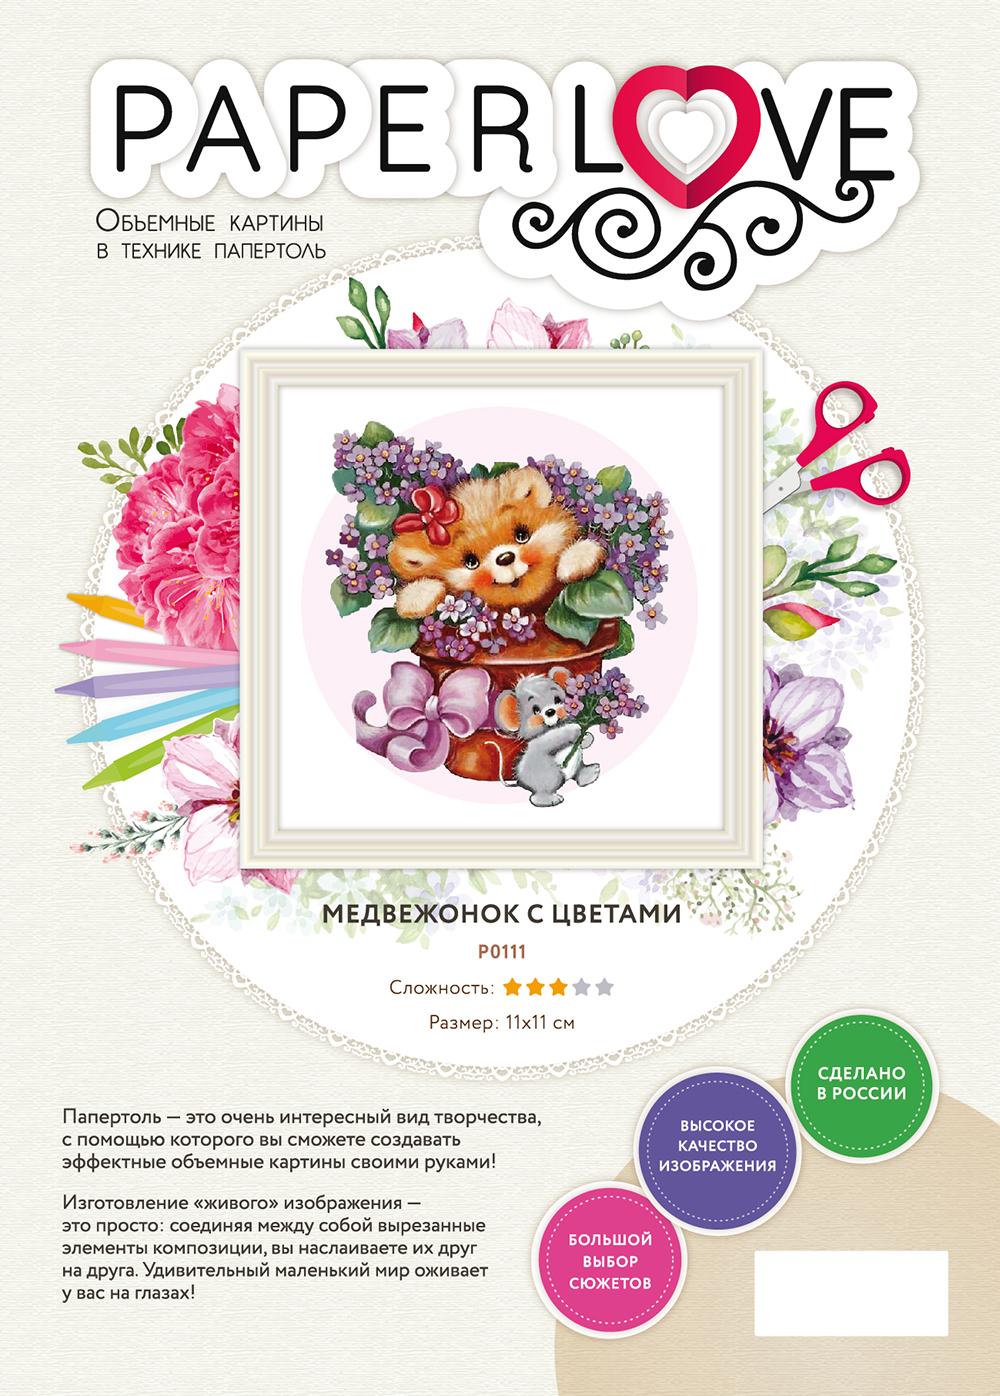 Папертоль Медвежонок с цветами — фотография обложки.